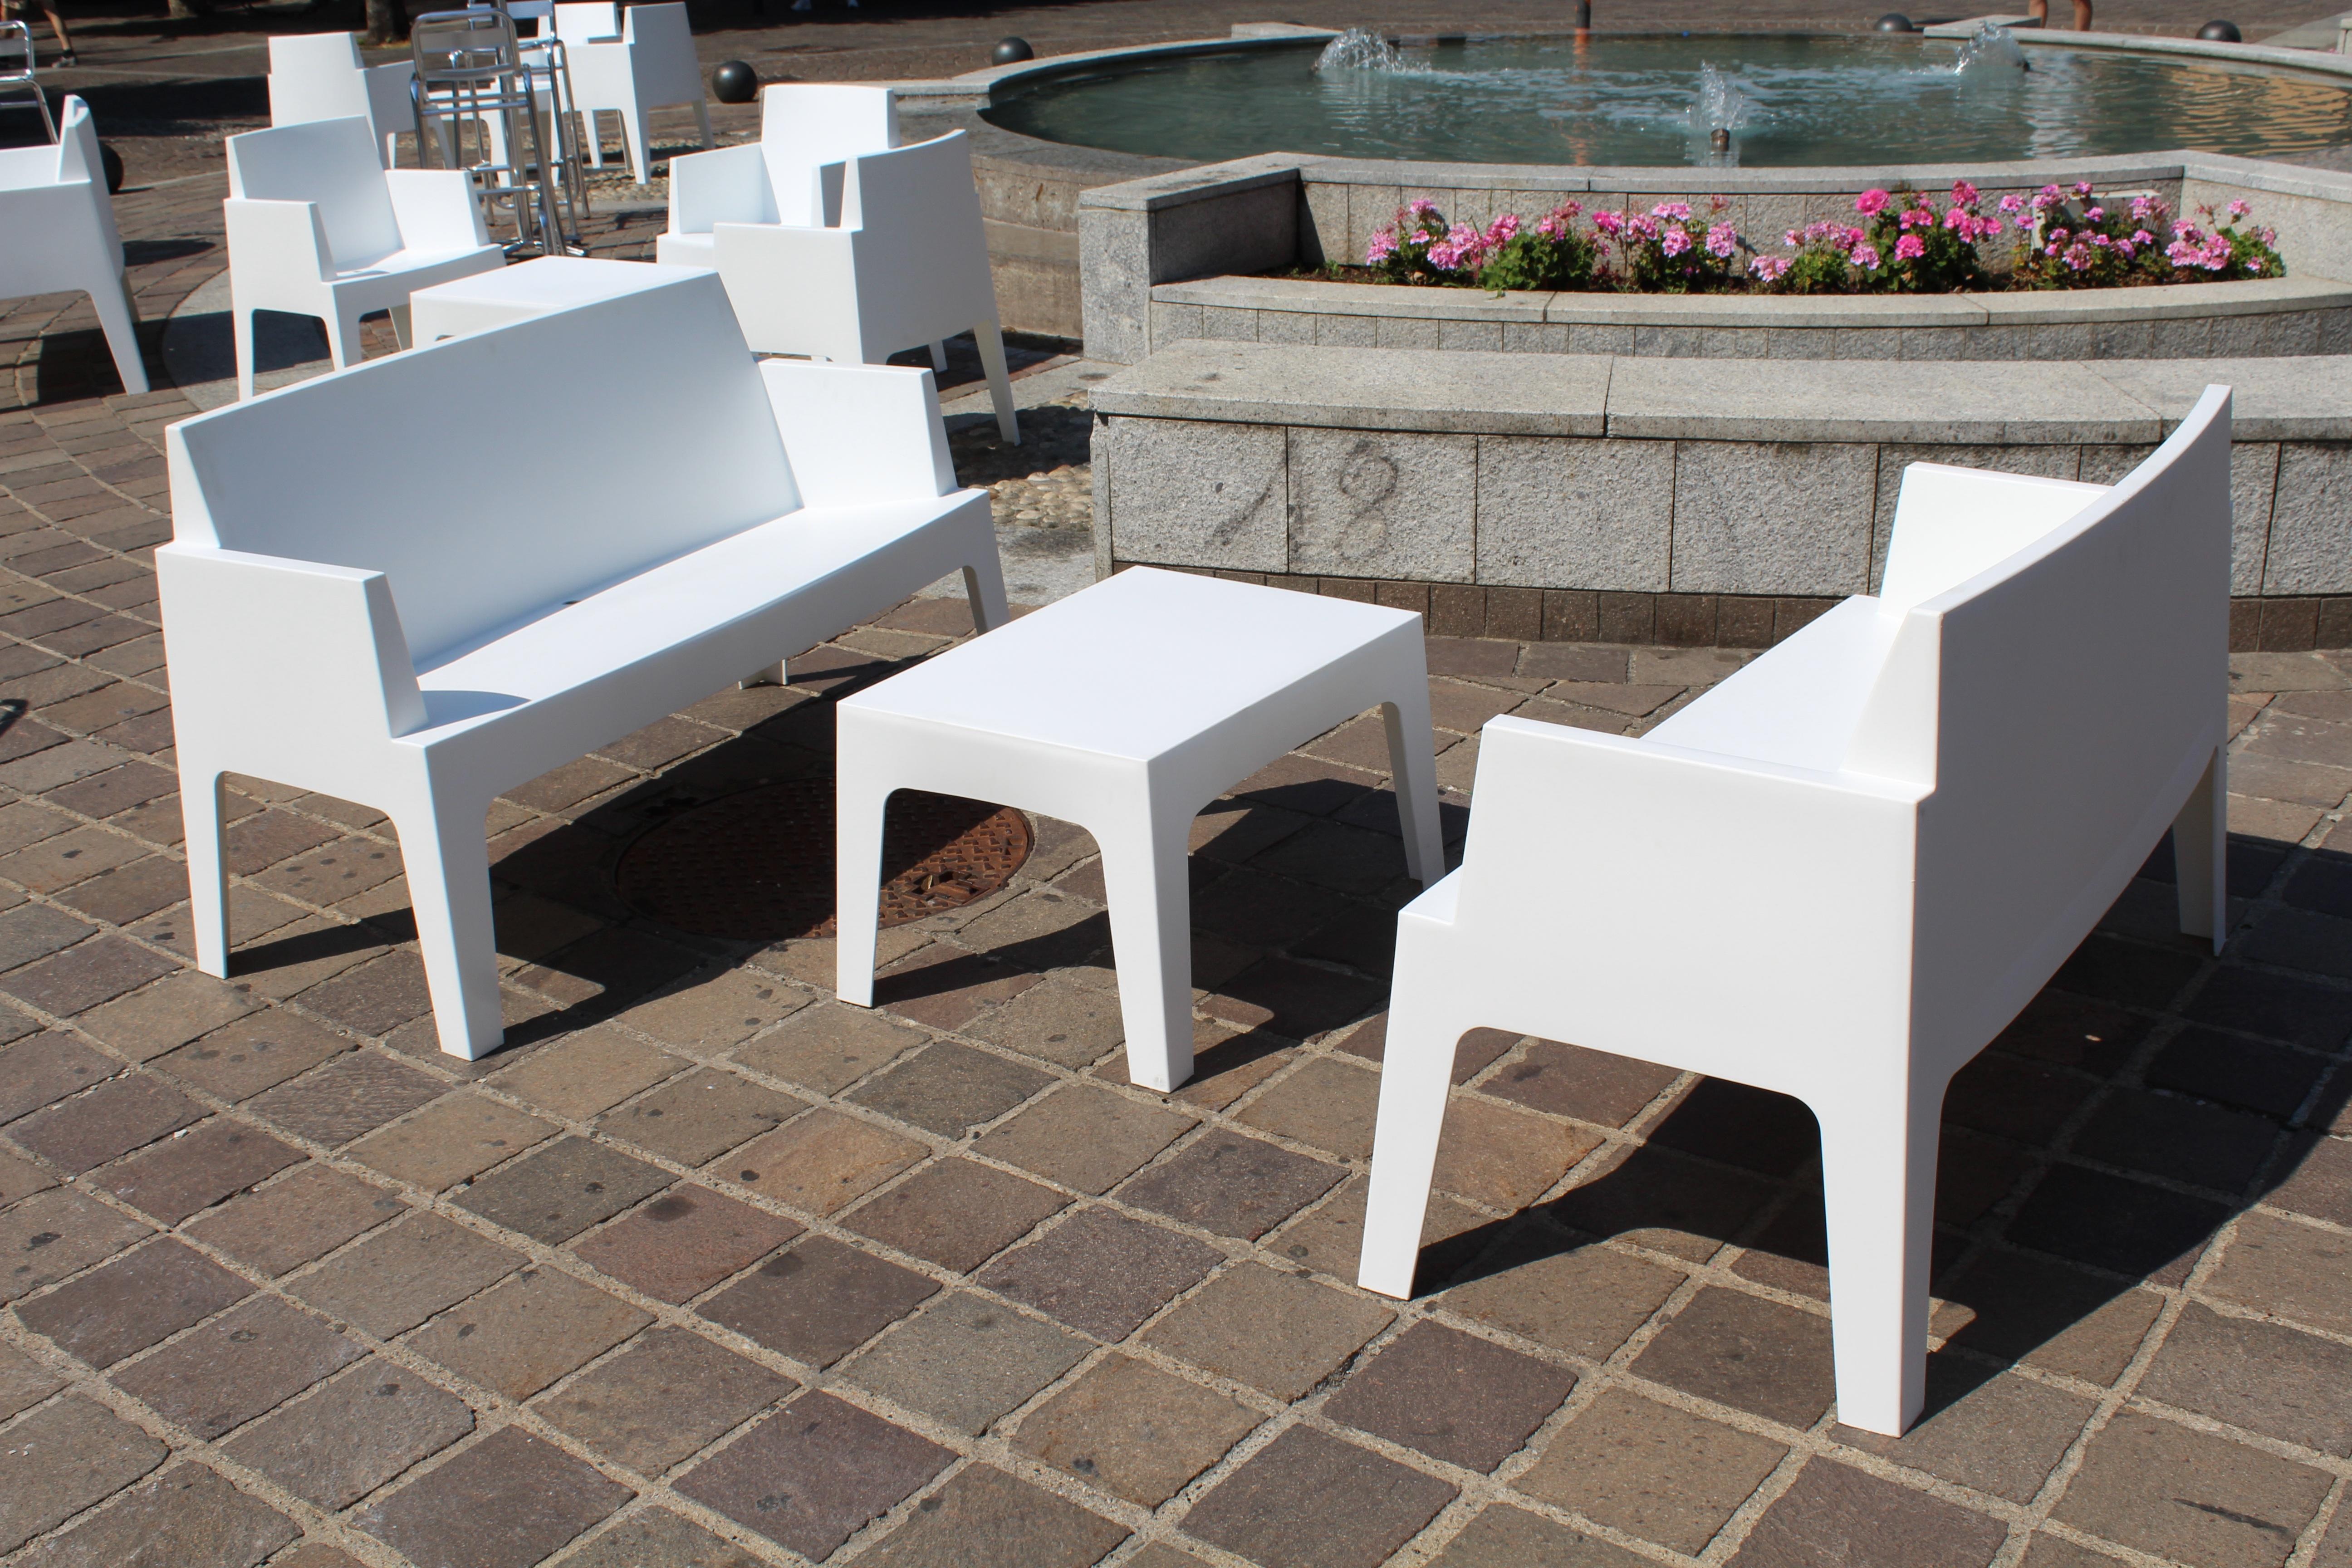 Bildet : bord, kaffe, tre, gulv, Bar, parkere, møbler, rom ...